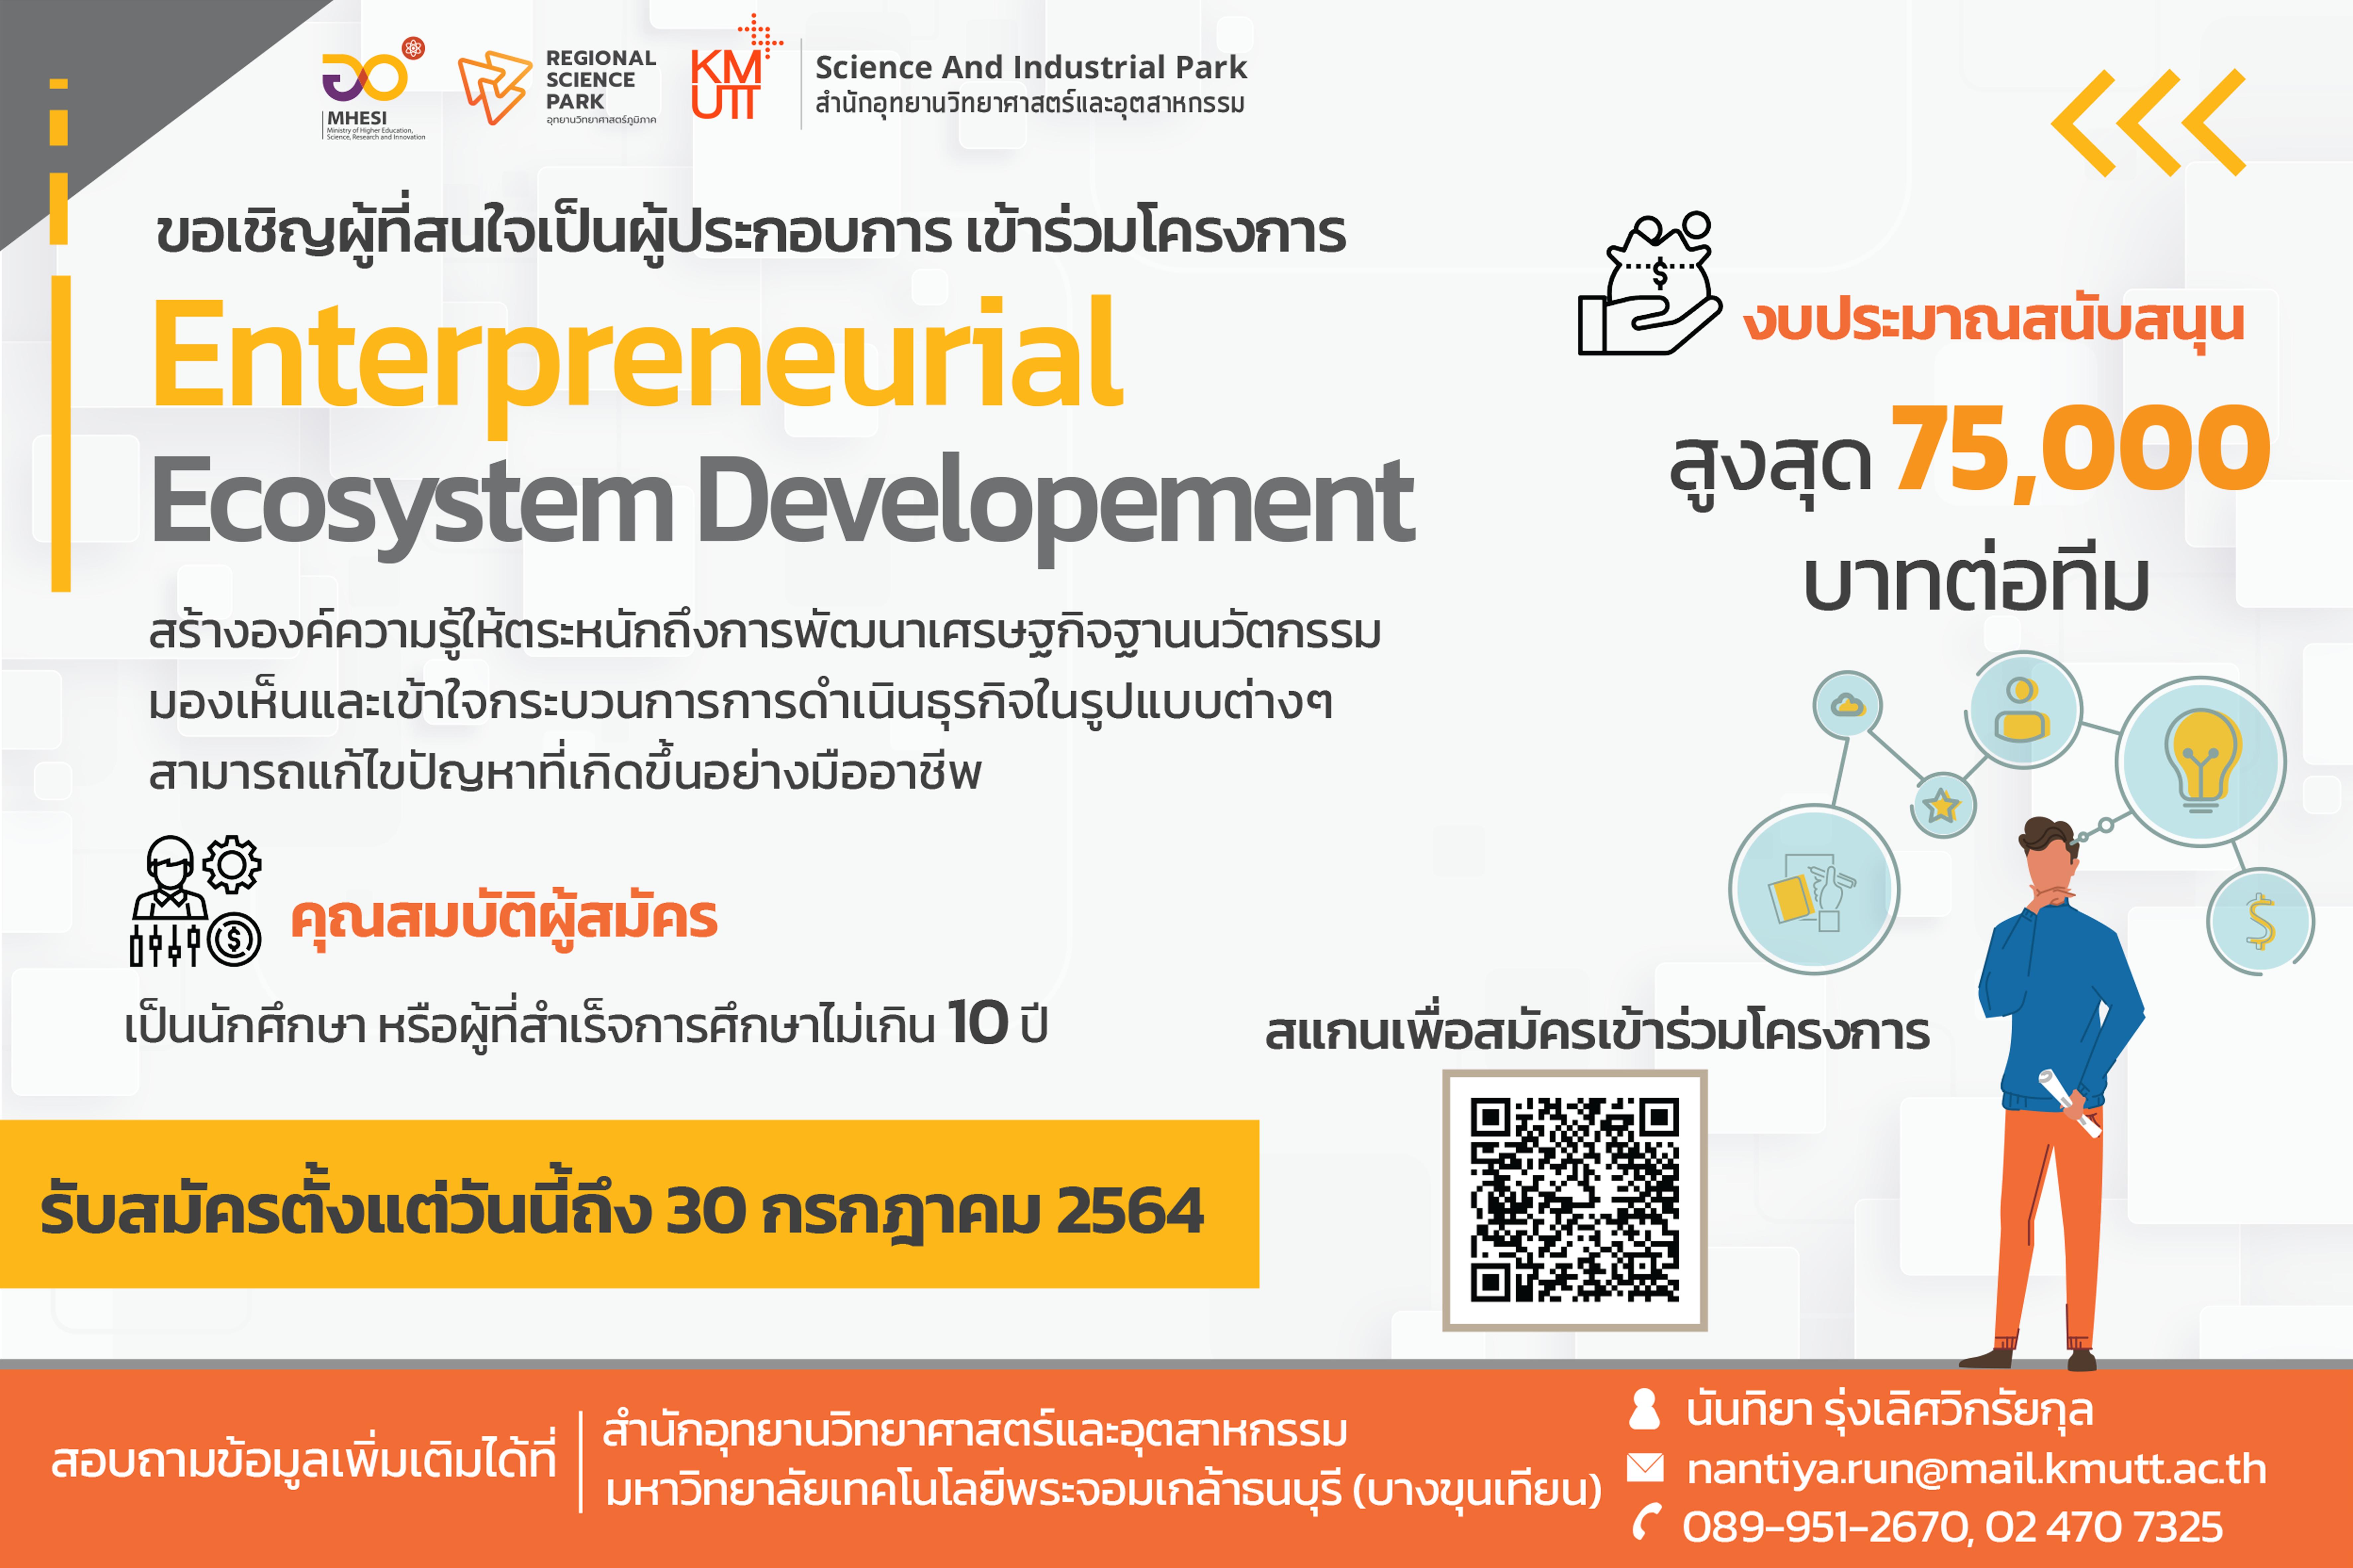 Enterpreneurial Ecosystem Dev 2021 01